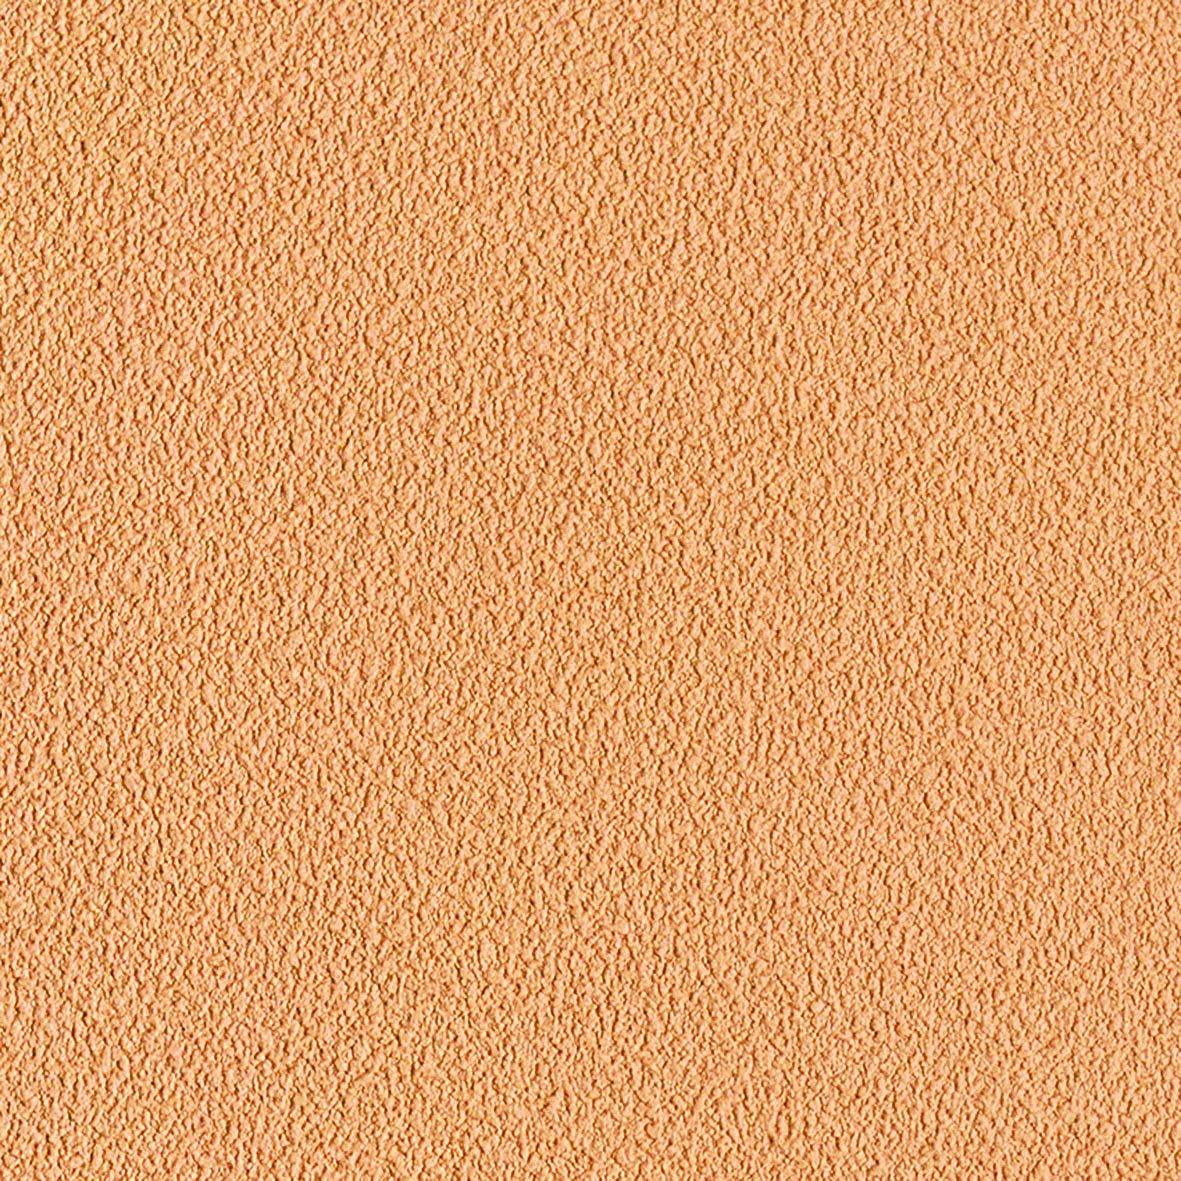 リリカラ 壁紙47m ナチュラル 石目調 ブラウン LL-8279 B01N3T1YD2 47m|ブラウン1